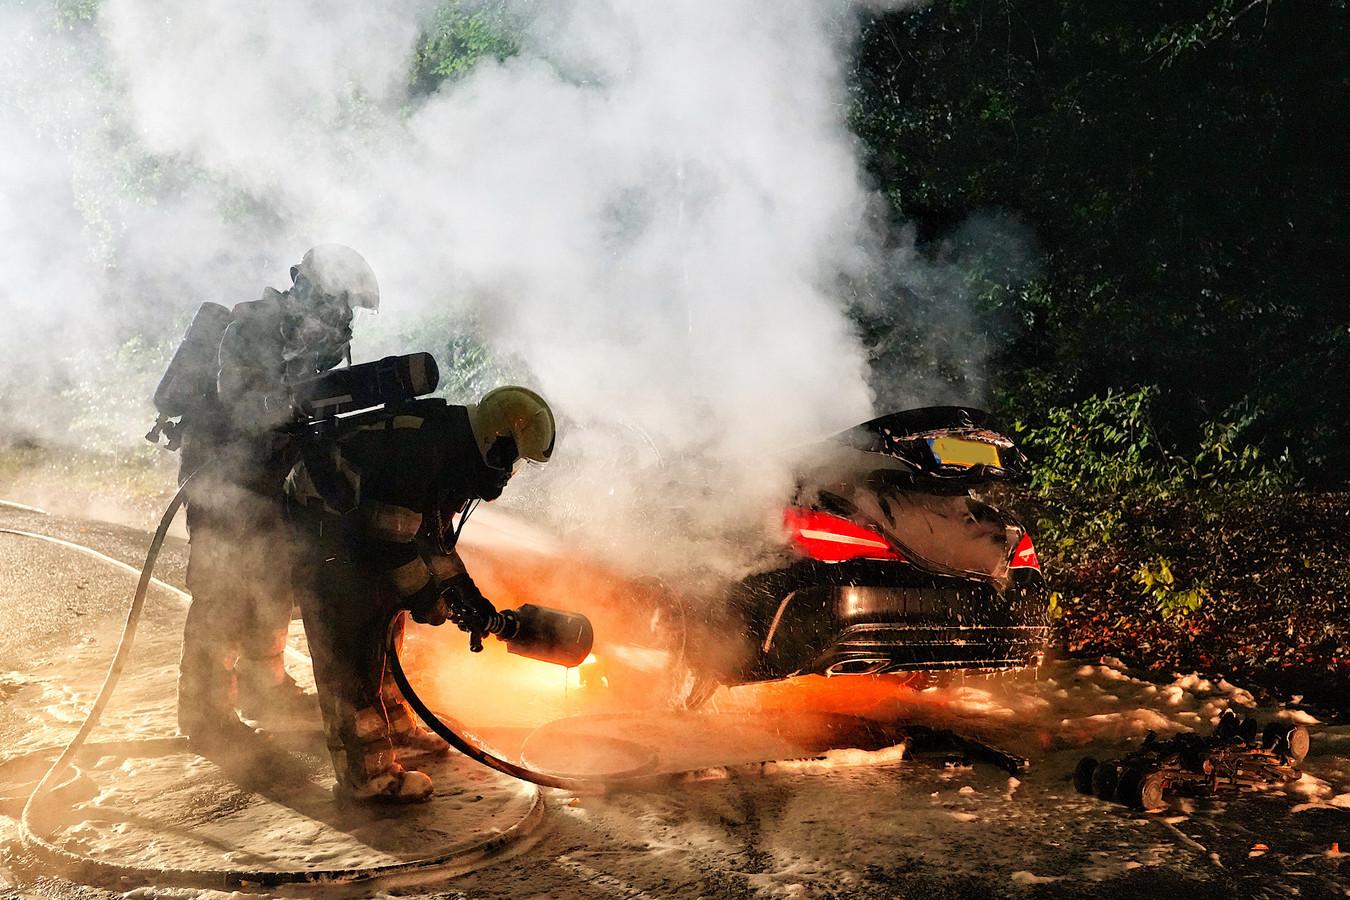 De Mercedes begon tijdens het rijden te roken en vloog niet veel later in brand.